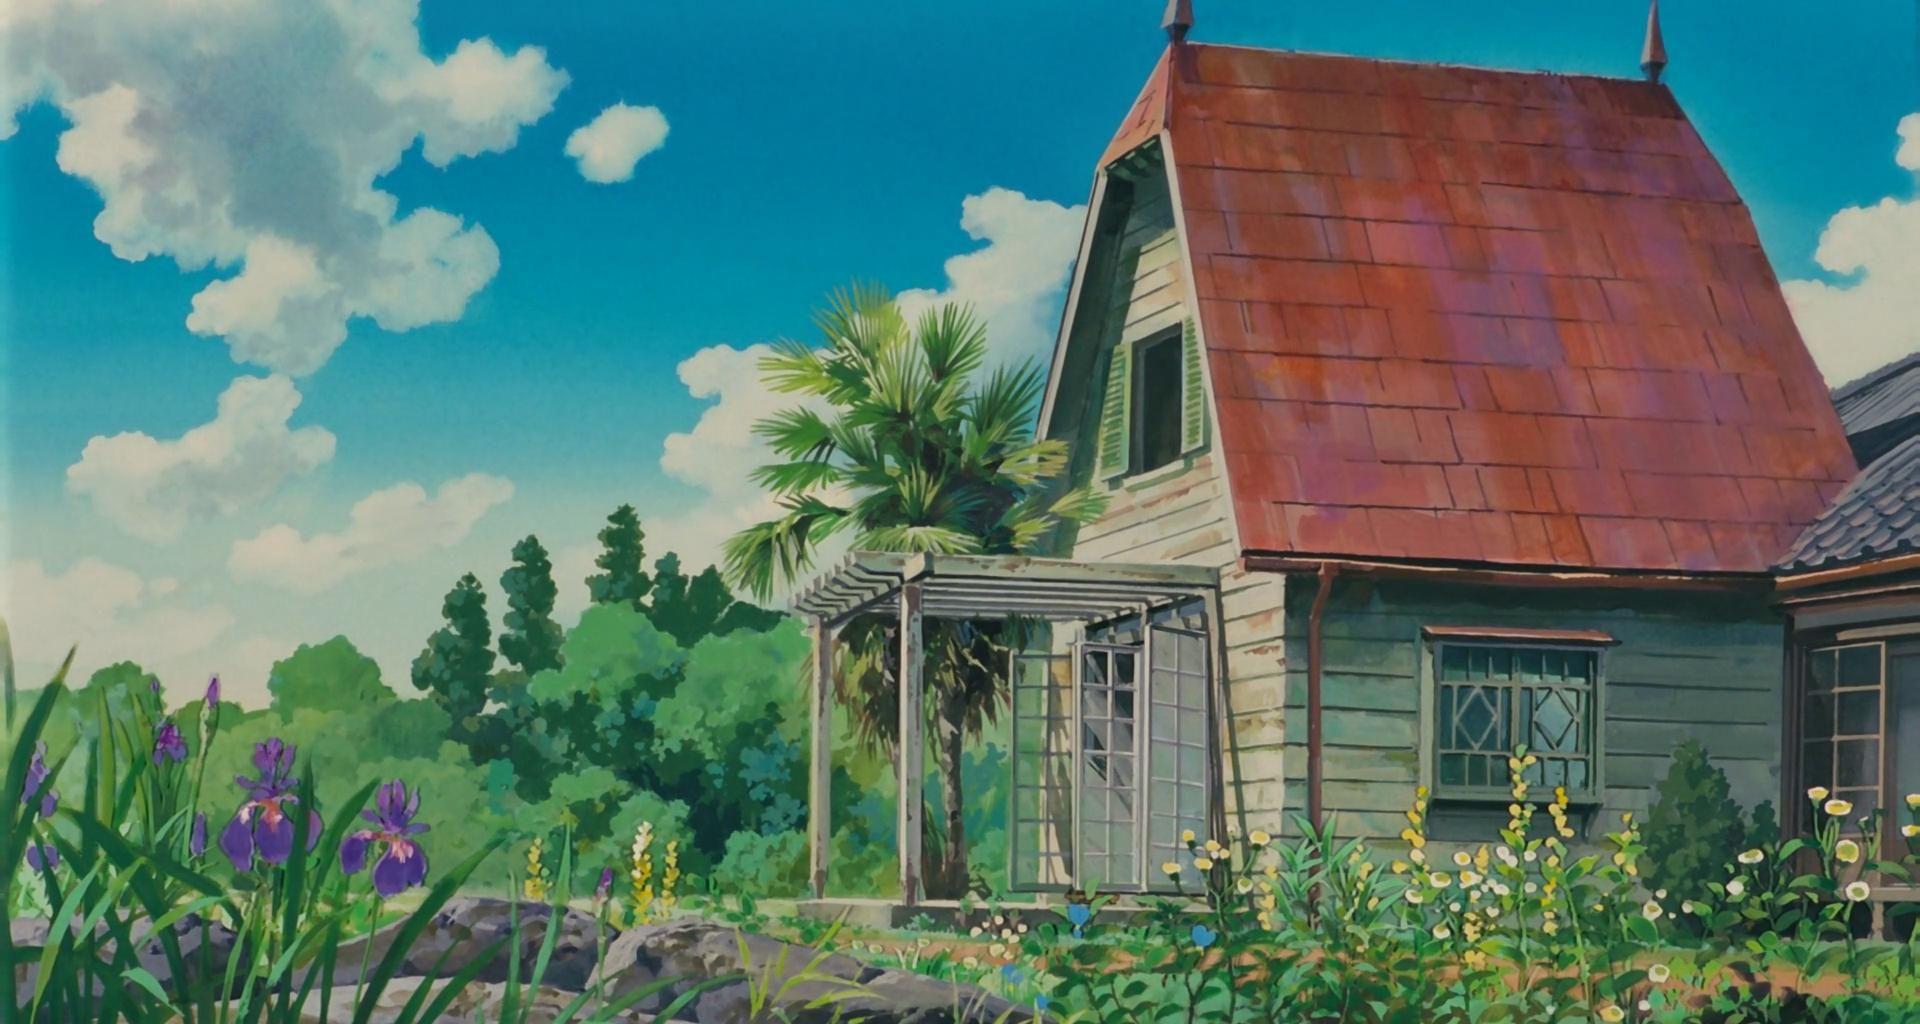 Studio Ghibli Wallpaper 1920x1024 ID46398